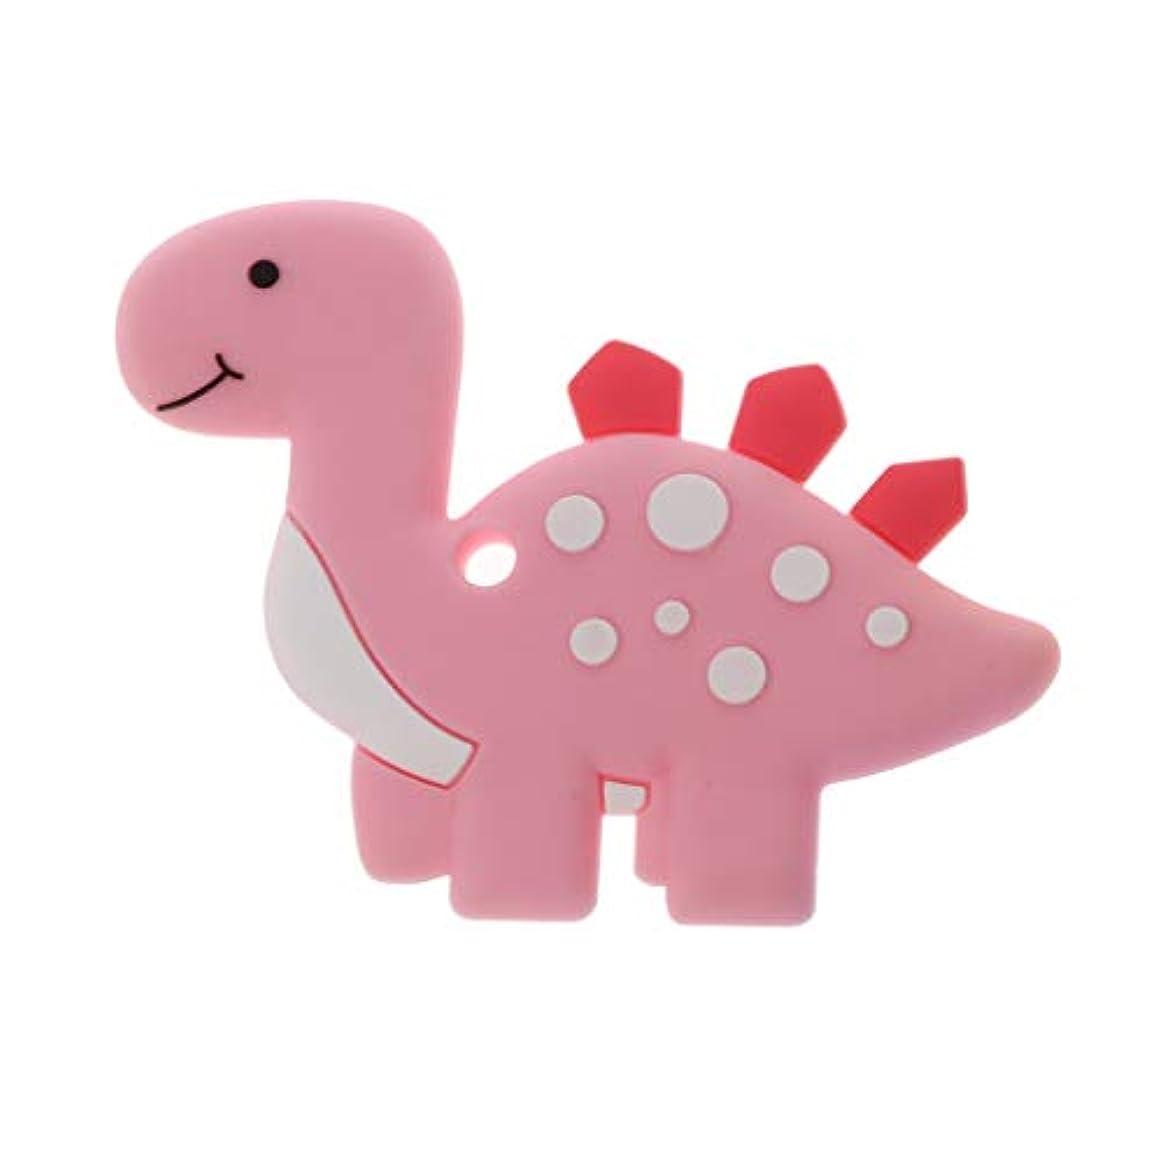 助けて厚くする闘争Landdumシリコーンおしゃぶり恐竜おしゃべり赤ちゃん看護玩具かむ玩具歯が生えるガラガラおもちゃ - ロイヤルブルー